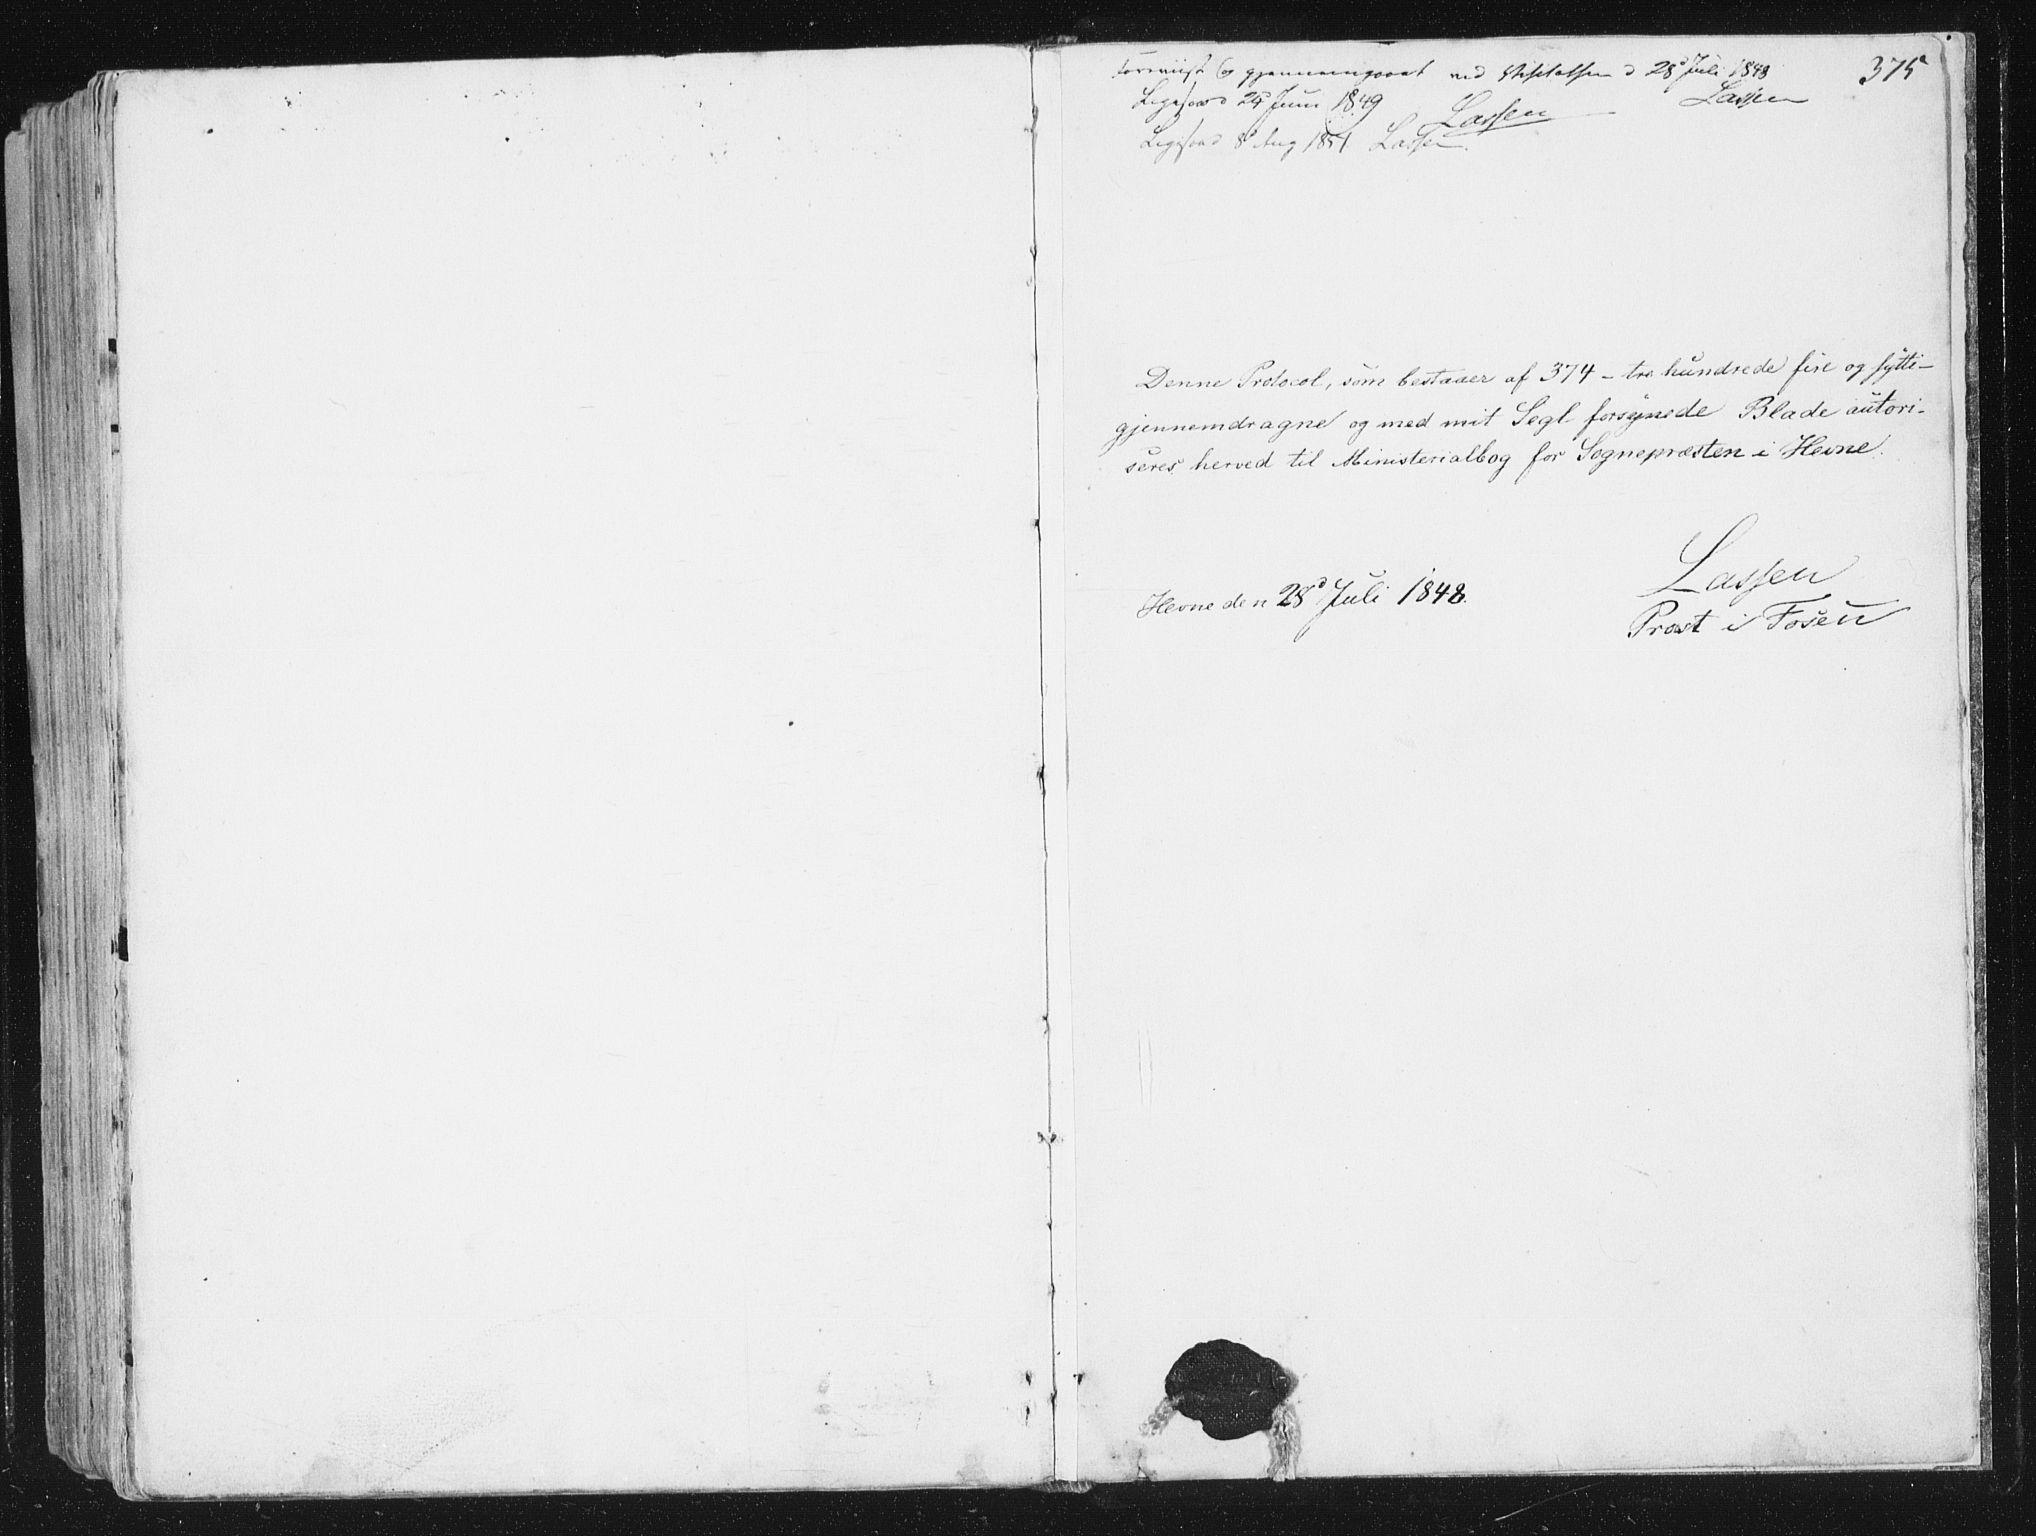 SAT, Ministerialprotokoller, klokkerbøker og fødselsregistre - Sør-Trøndelag, 630/L0493: Ministerialbok nr. 630A06, 1841-1851, s. 375